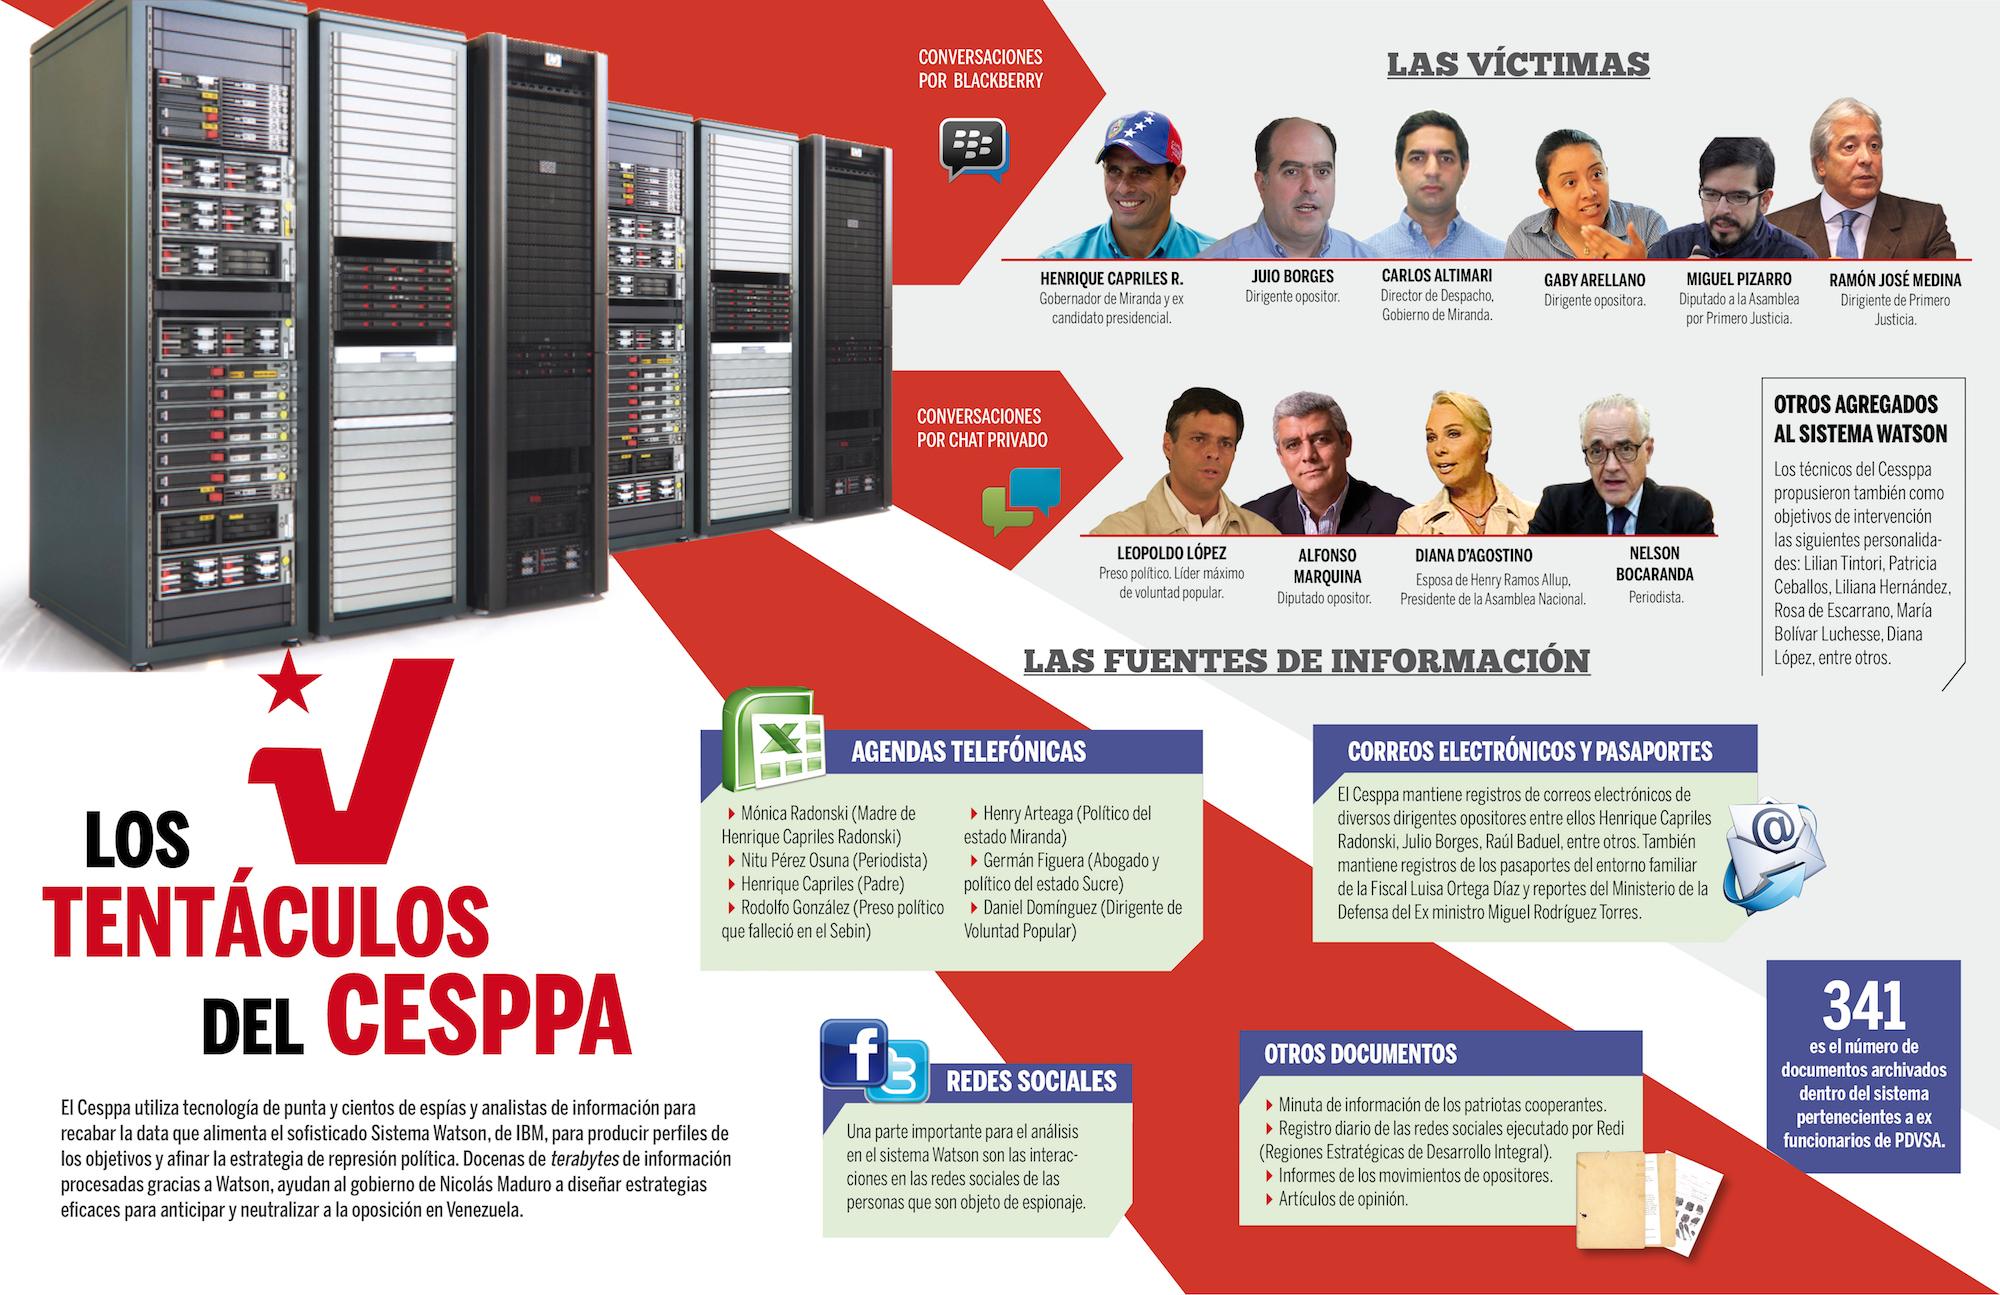 Los tentáculos del CESPPA